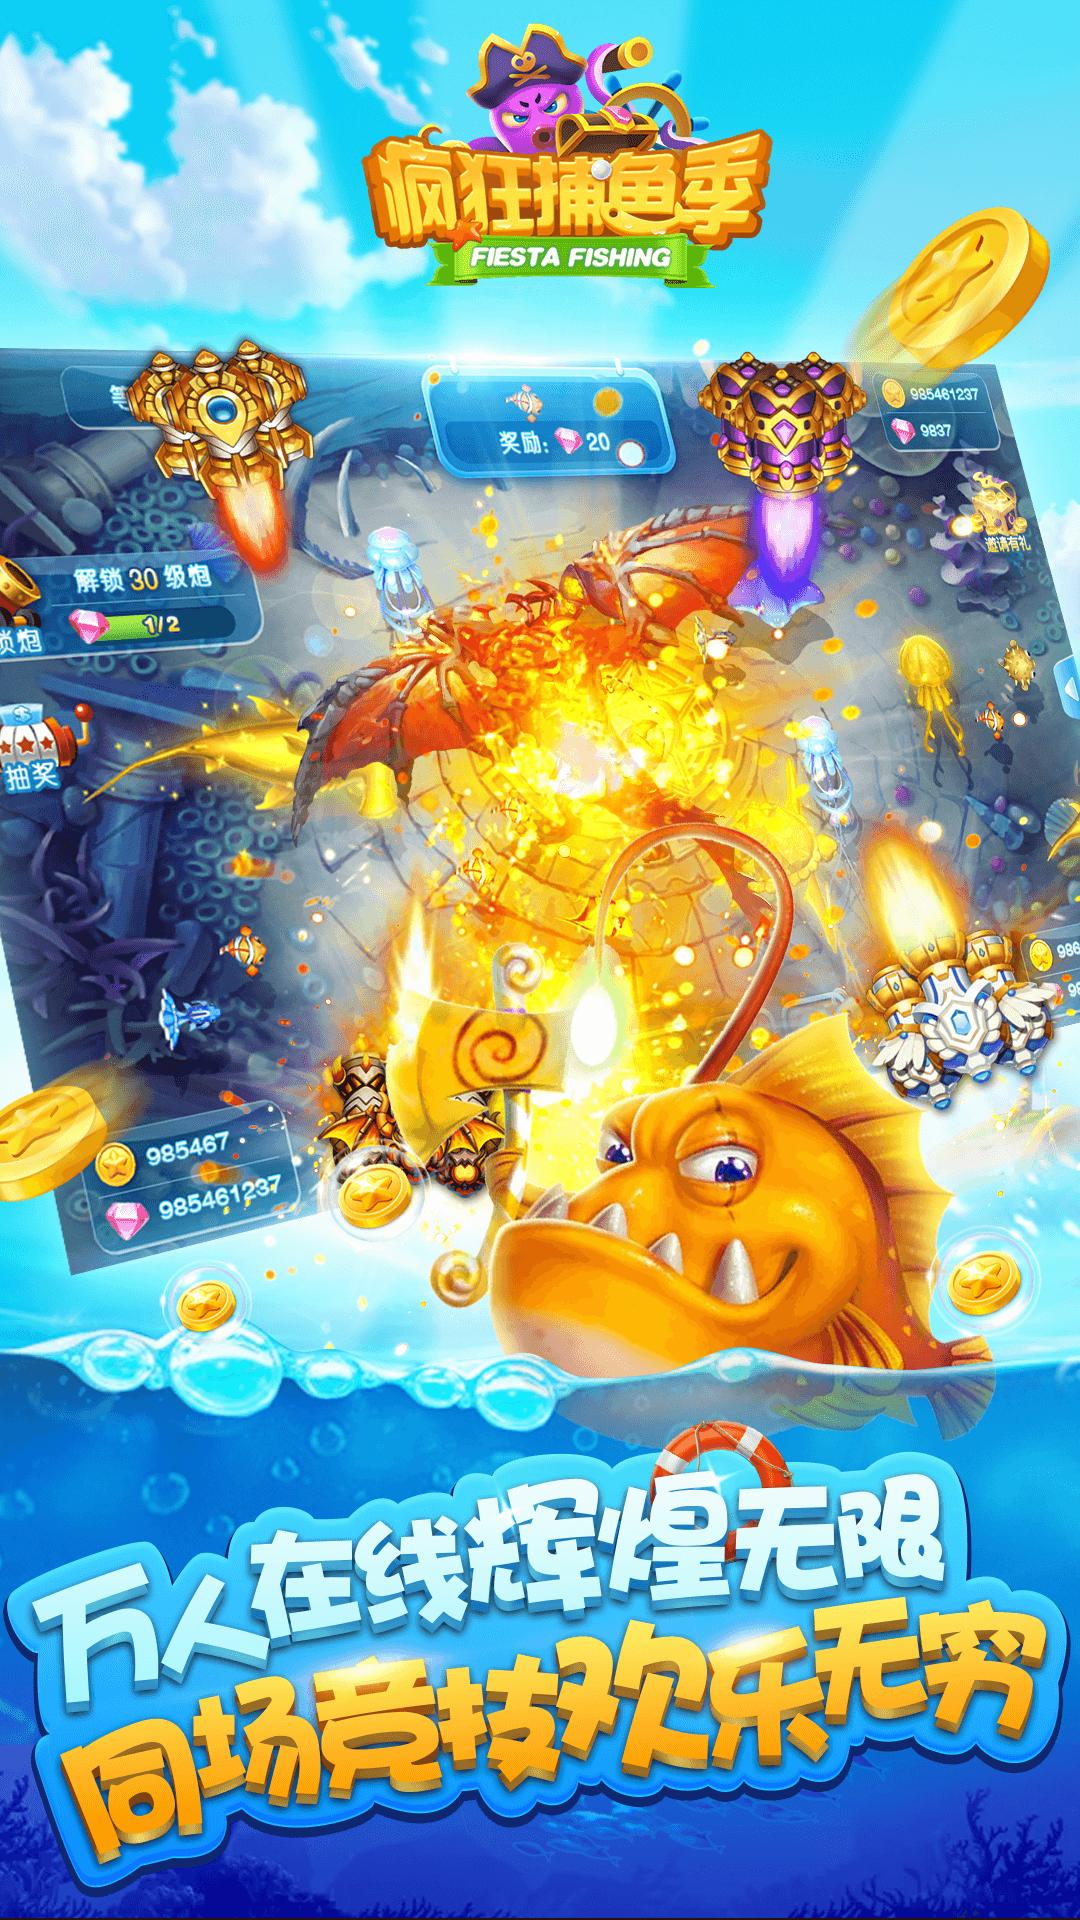 疯狂捕鱼季游戏截图